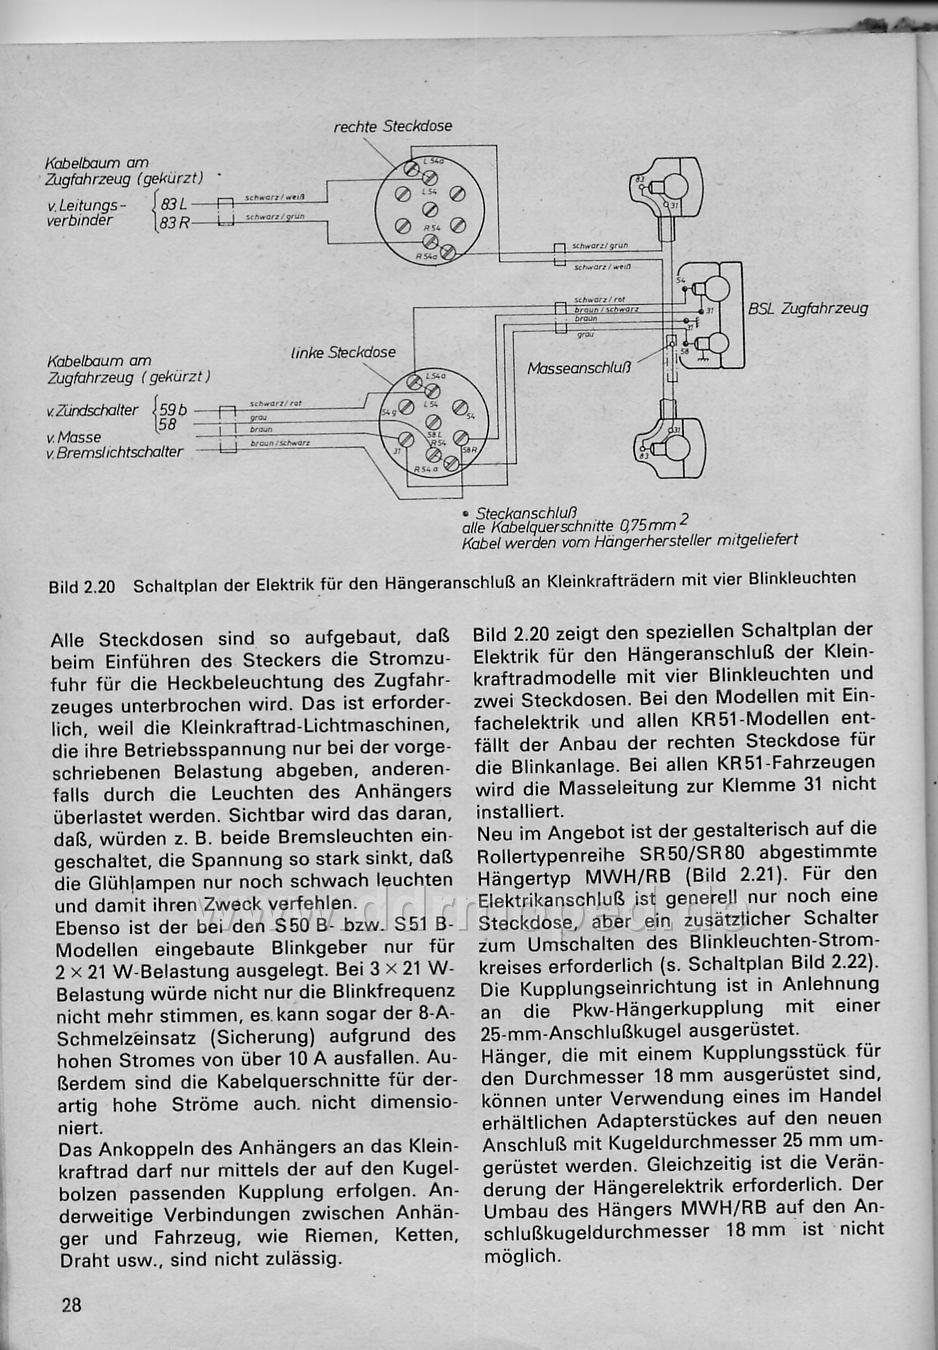 Anhängerbetrieb, Verkabelung vom Zugfahrzeug - DDRMoped.de